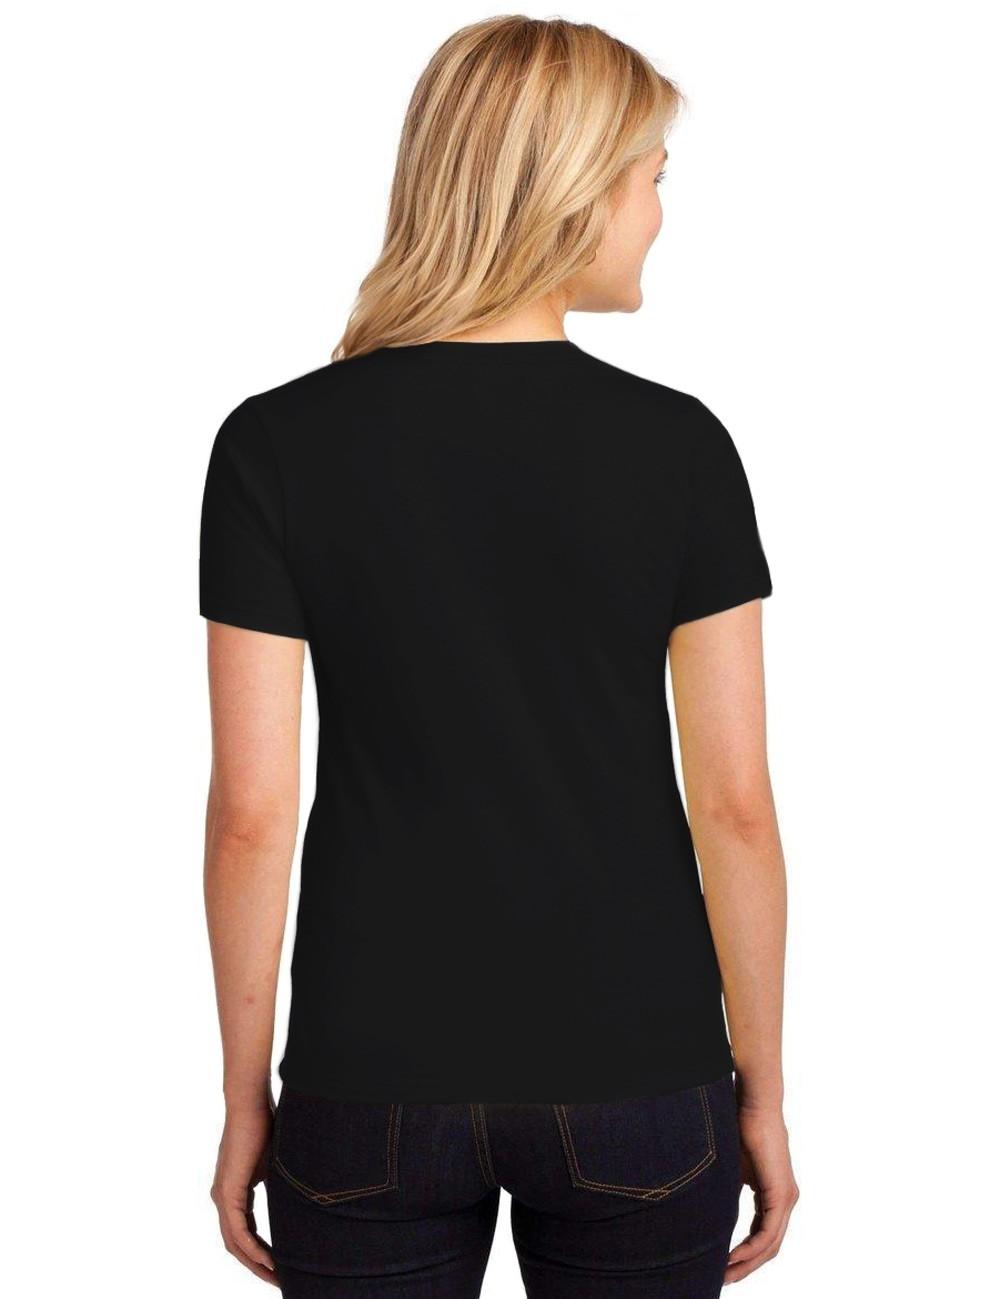 Camiseta Feminina T-Shirt Universitária Faculdade Educação Física